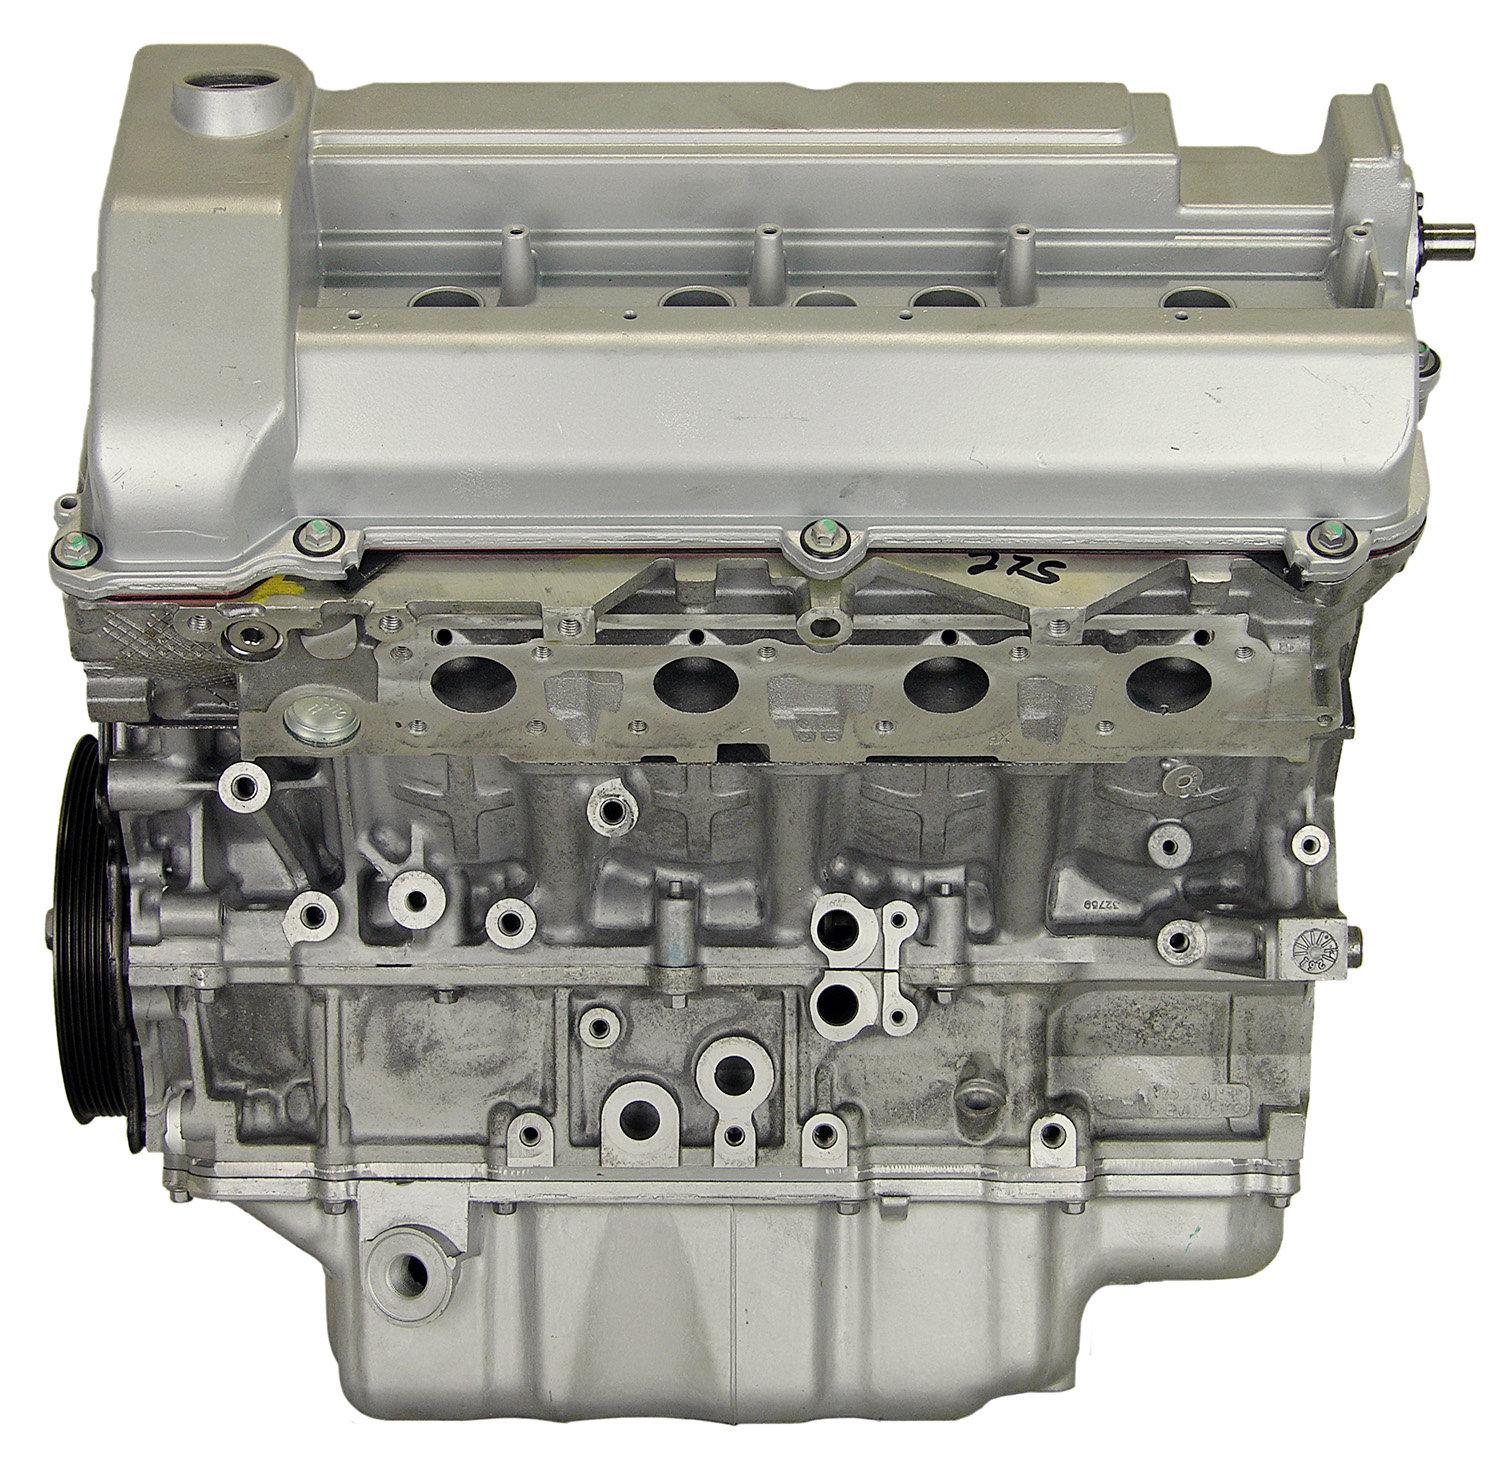 00-02 Cadillac Deville 4.6 NorthStar Engine VIN Y